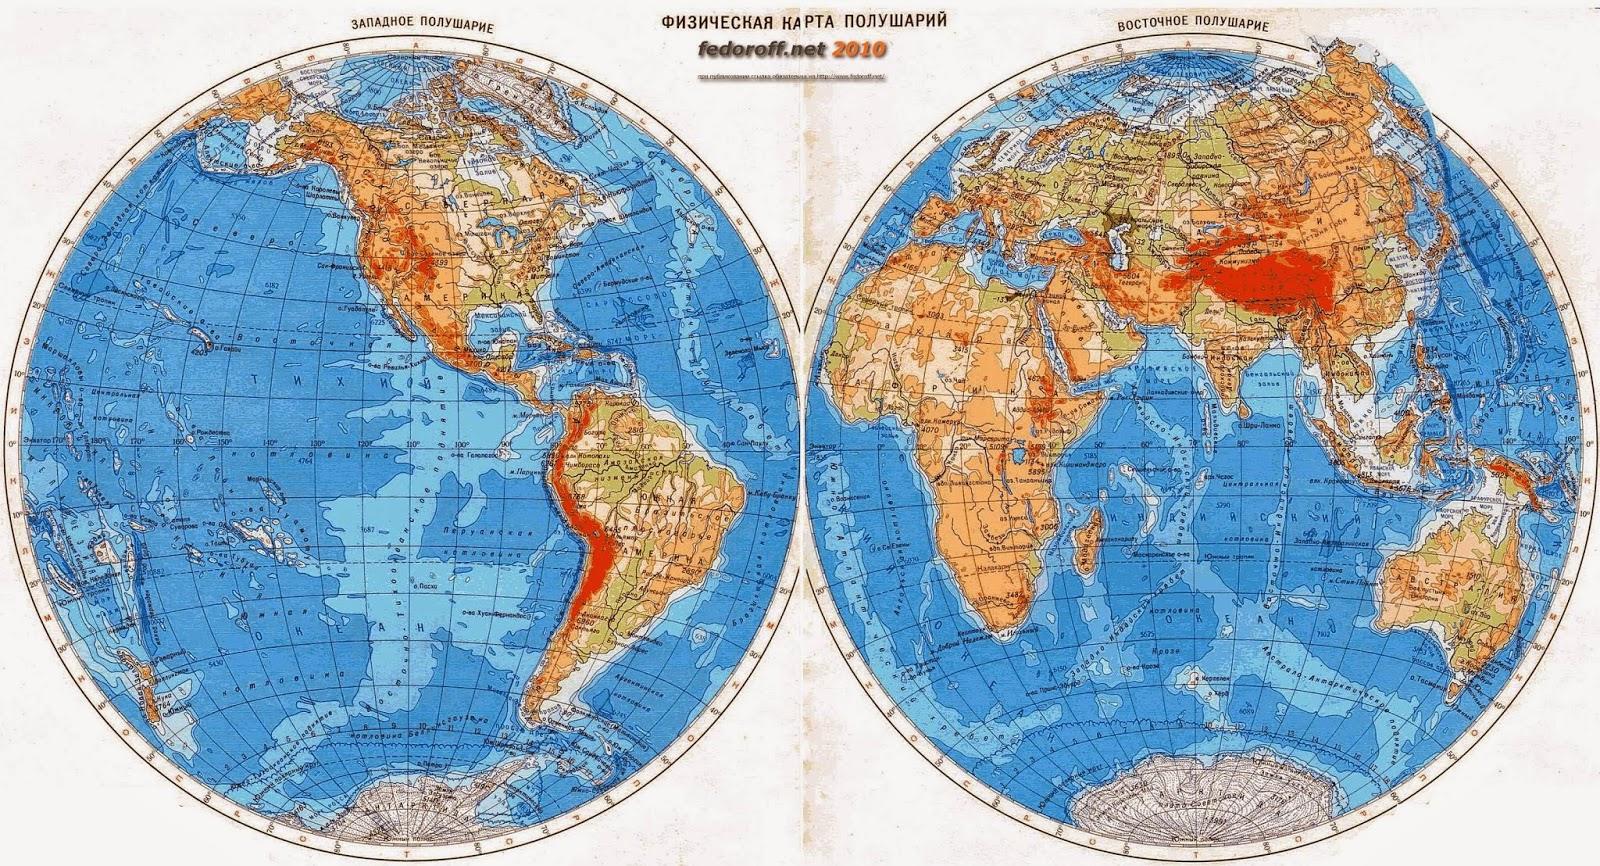 Западное и восточное полушарие схема